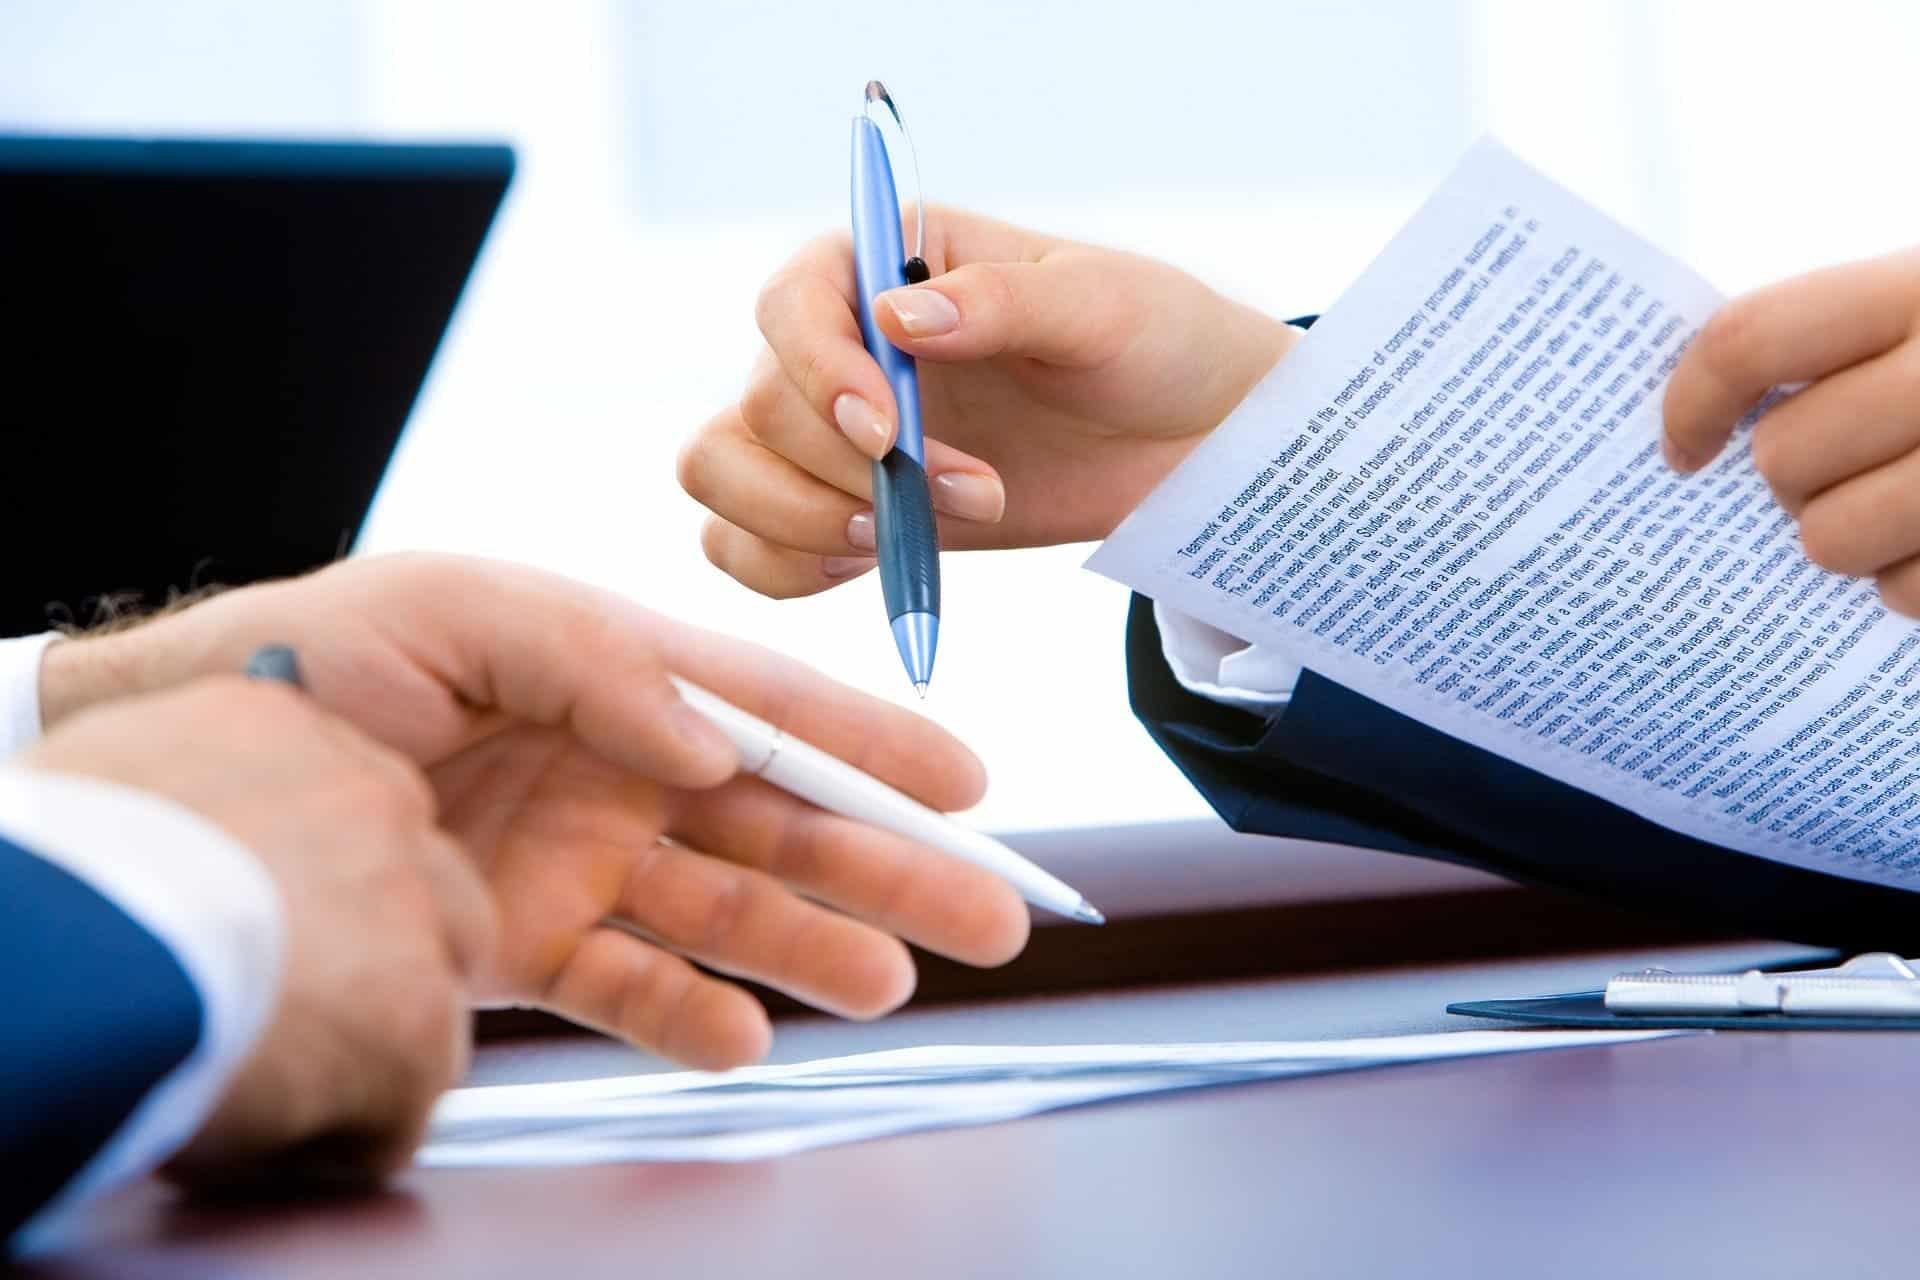 Juristische Übersetzungen, Übersetzung von juristischen Texten: Übersetzung von Verträgen und weiteren Vertragsunterlagen für Unternehmen